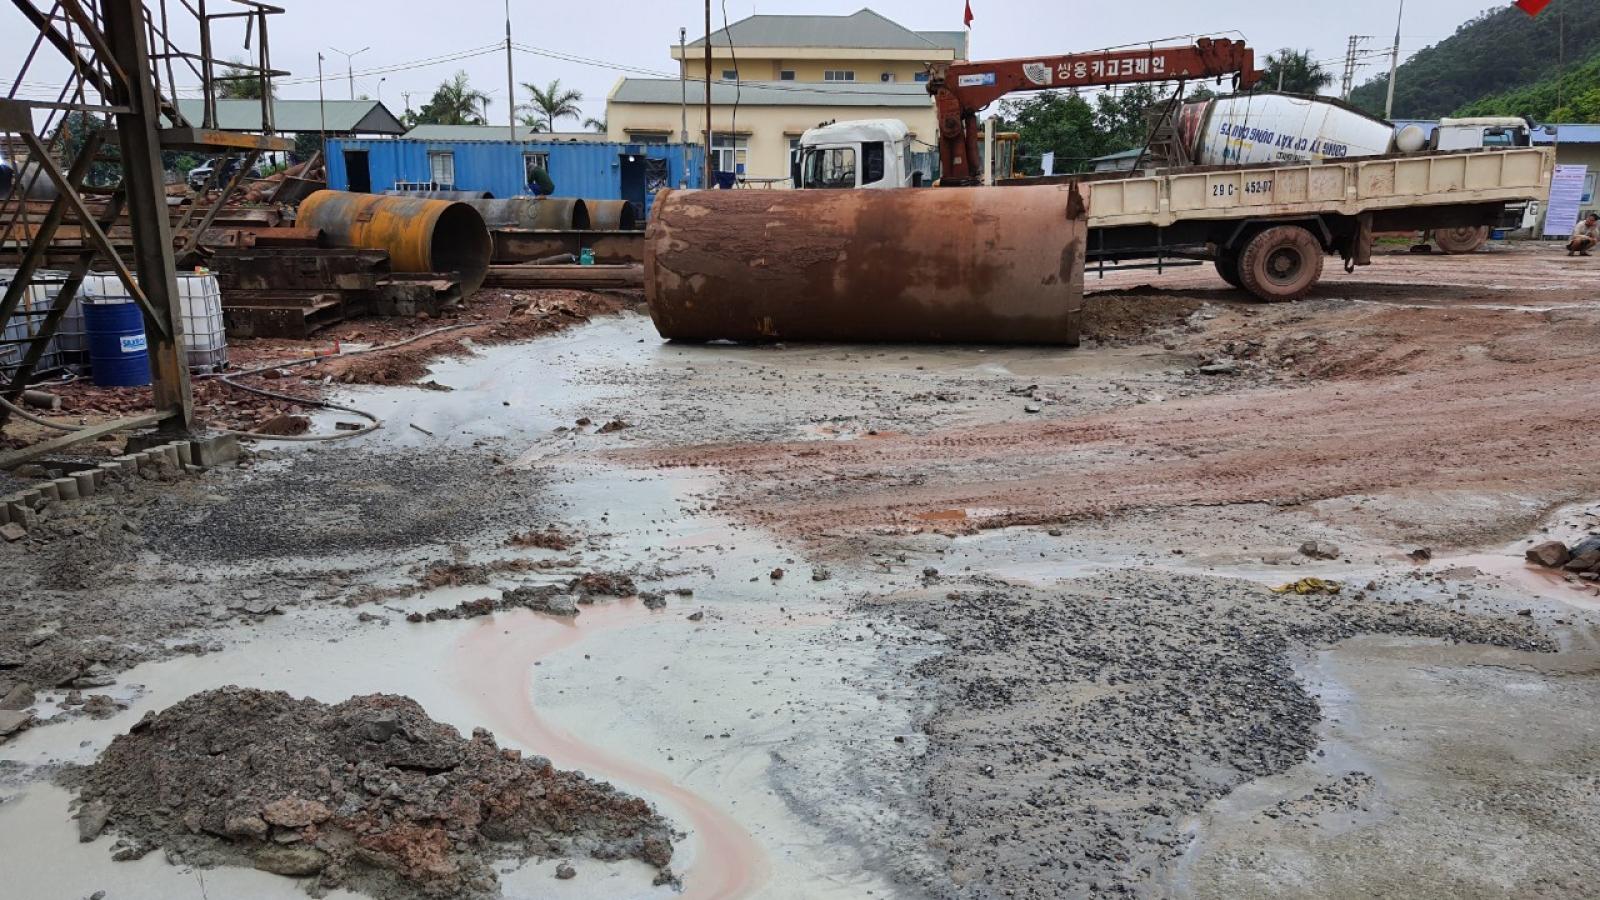 Quảng Ninh: Phạt 55 triệu công ty sản xuất bê tông gây ô nhiễm môi trường